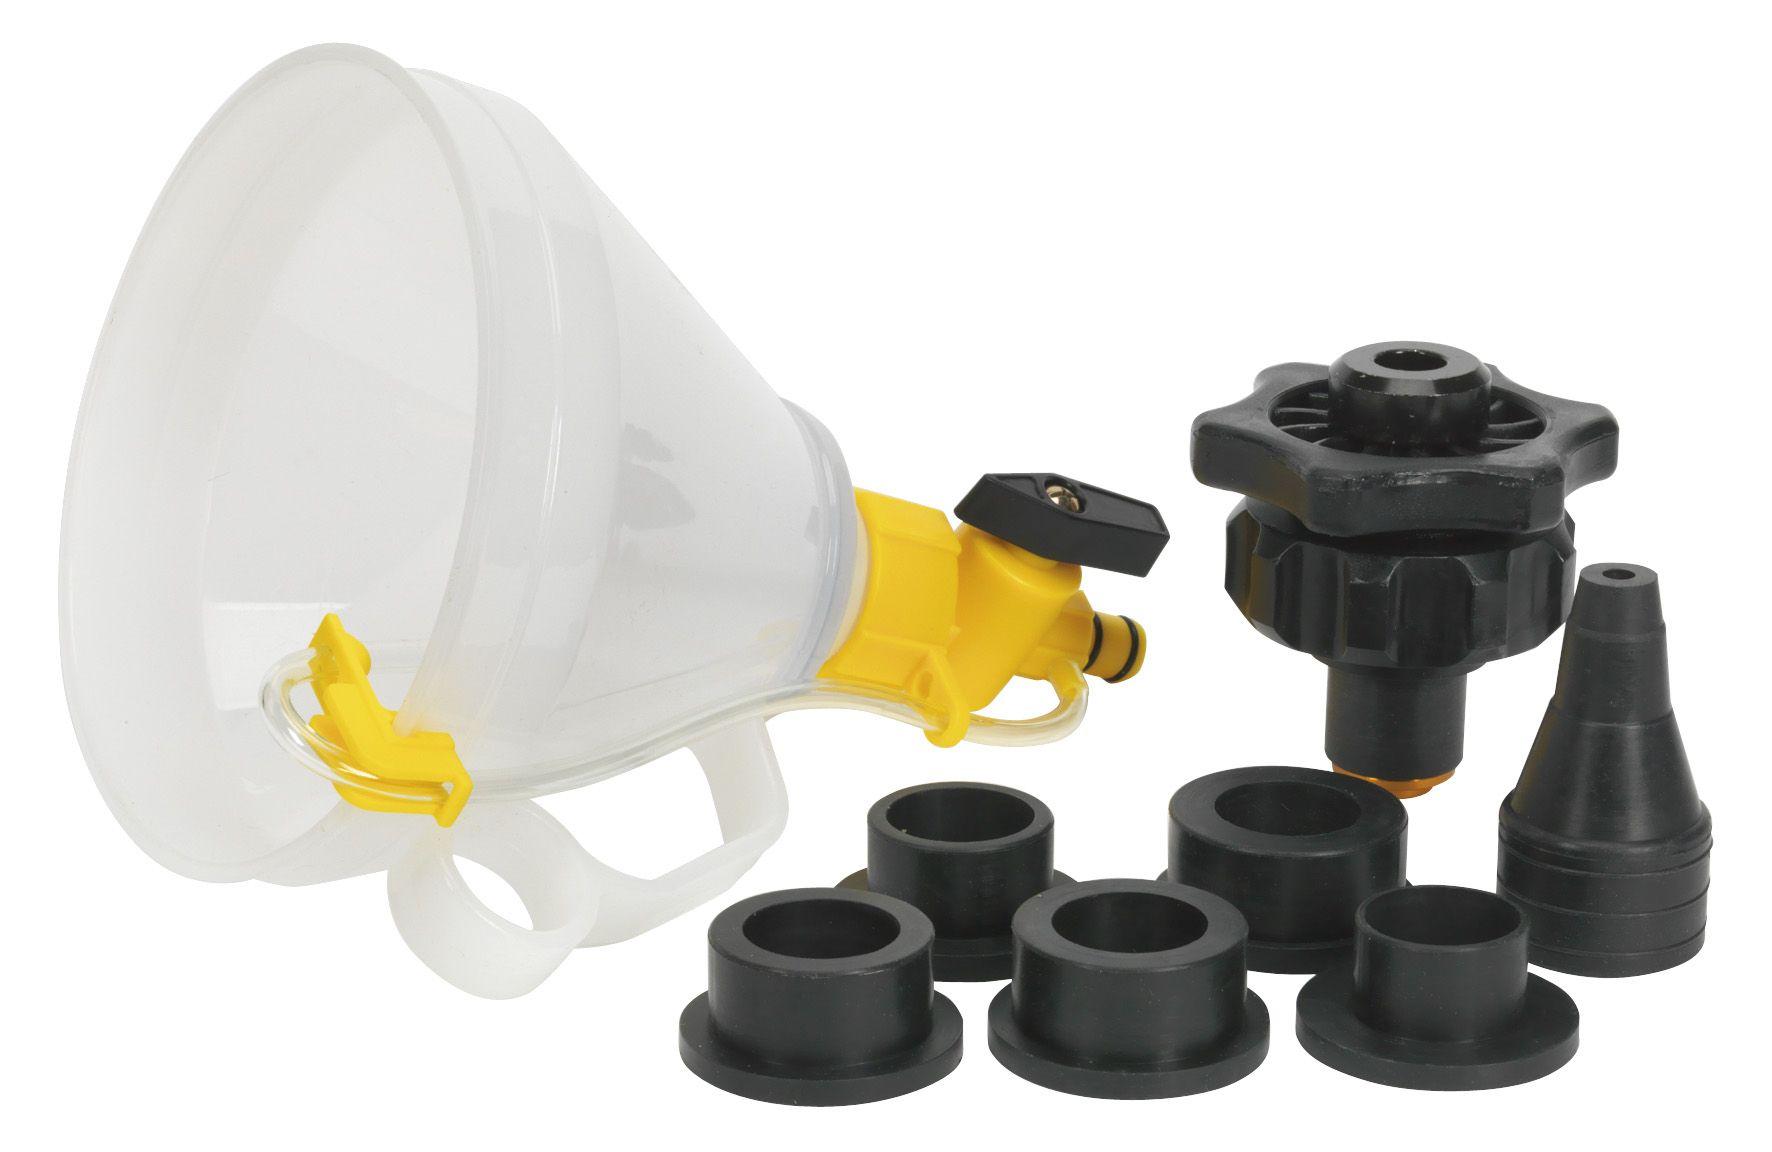 Sealey Automotive Coolant Filler Set